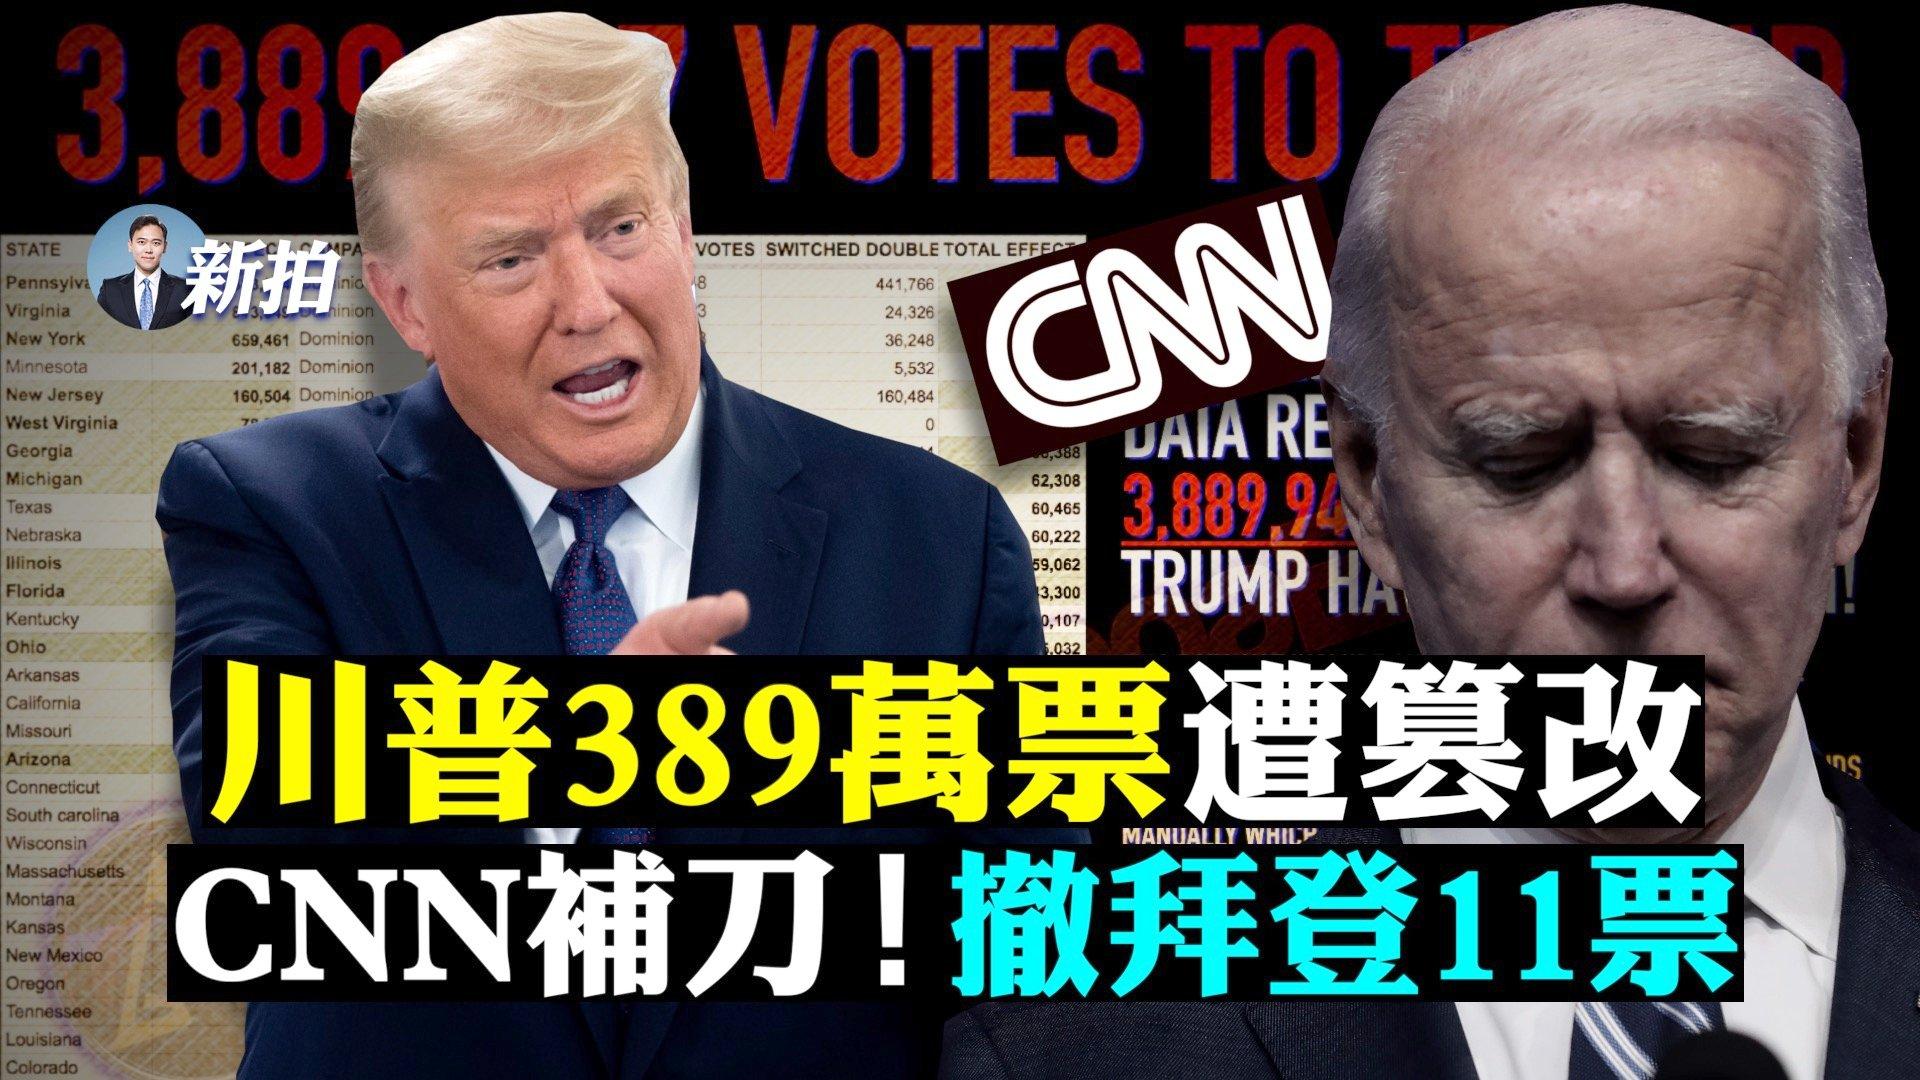 2020年11月11日下午,左派網站CNN撤拜登11票,傳特朗普被篡389萬票。(大紀元合成)